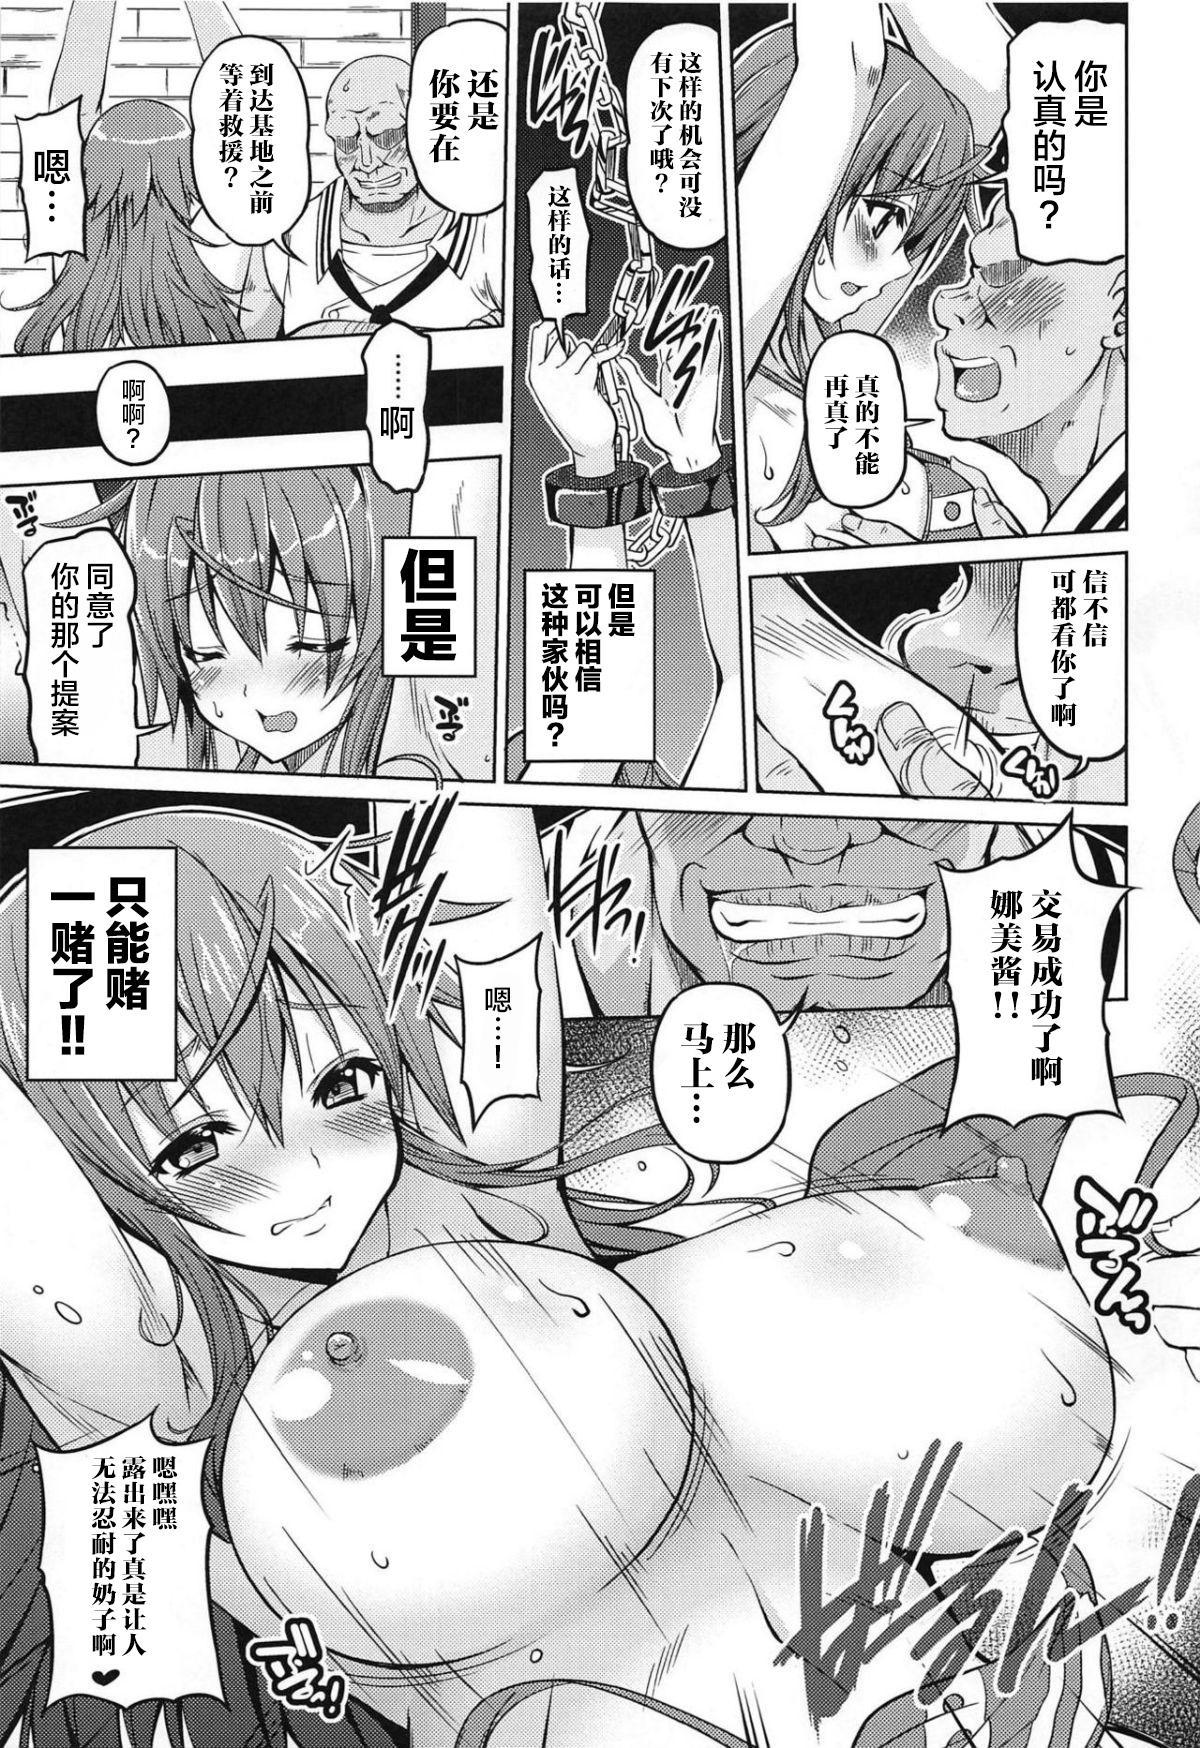 Kaizoku Kyonyuu 2 5